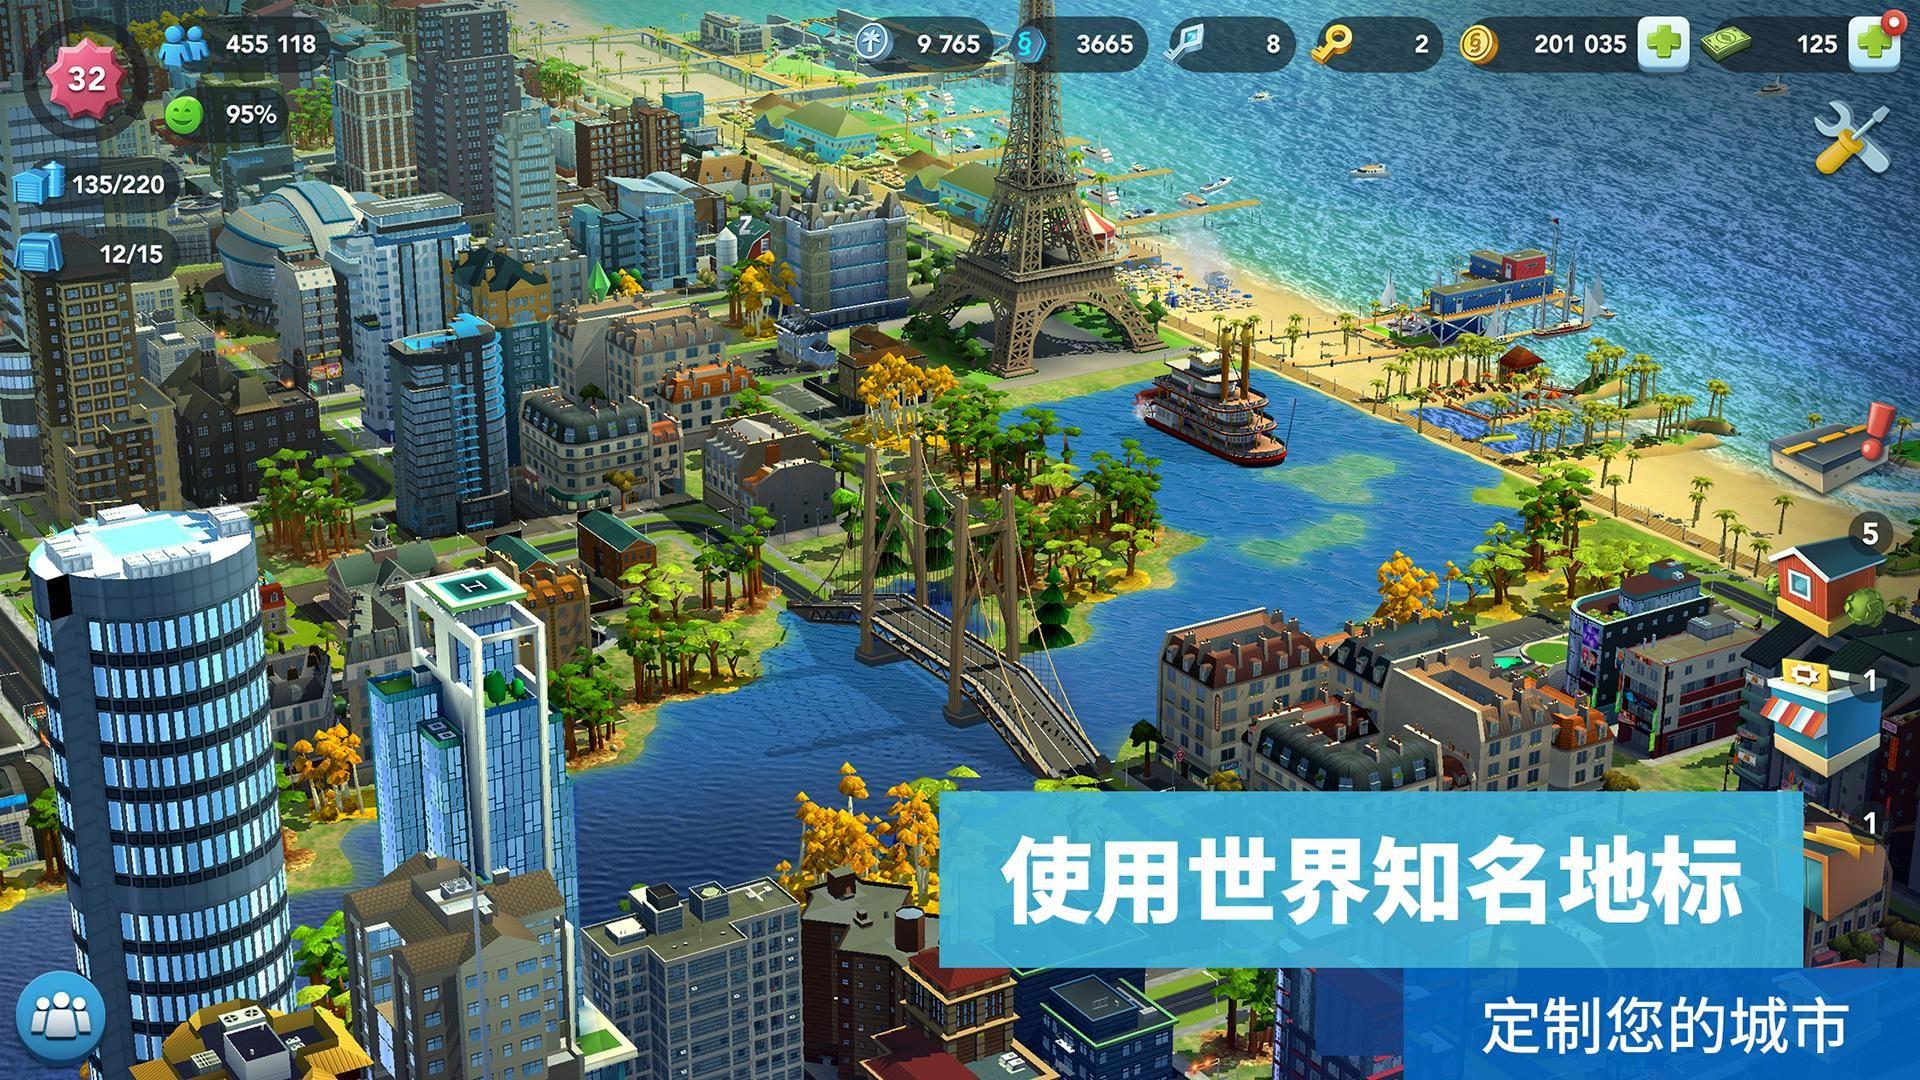 模拟城市 游戏截图2